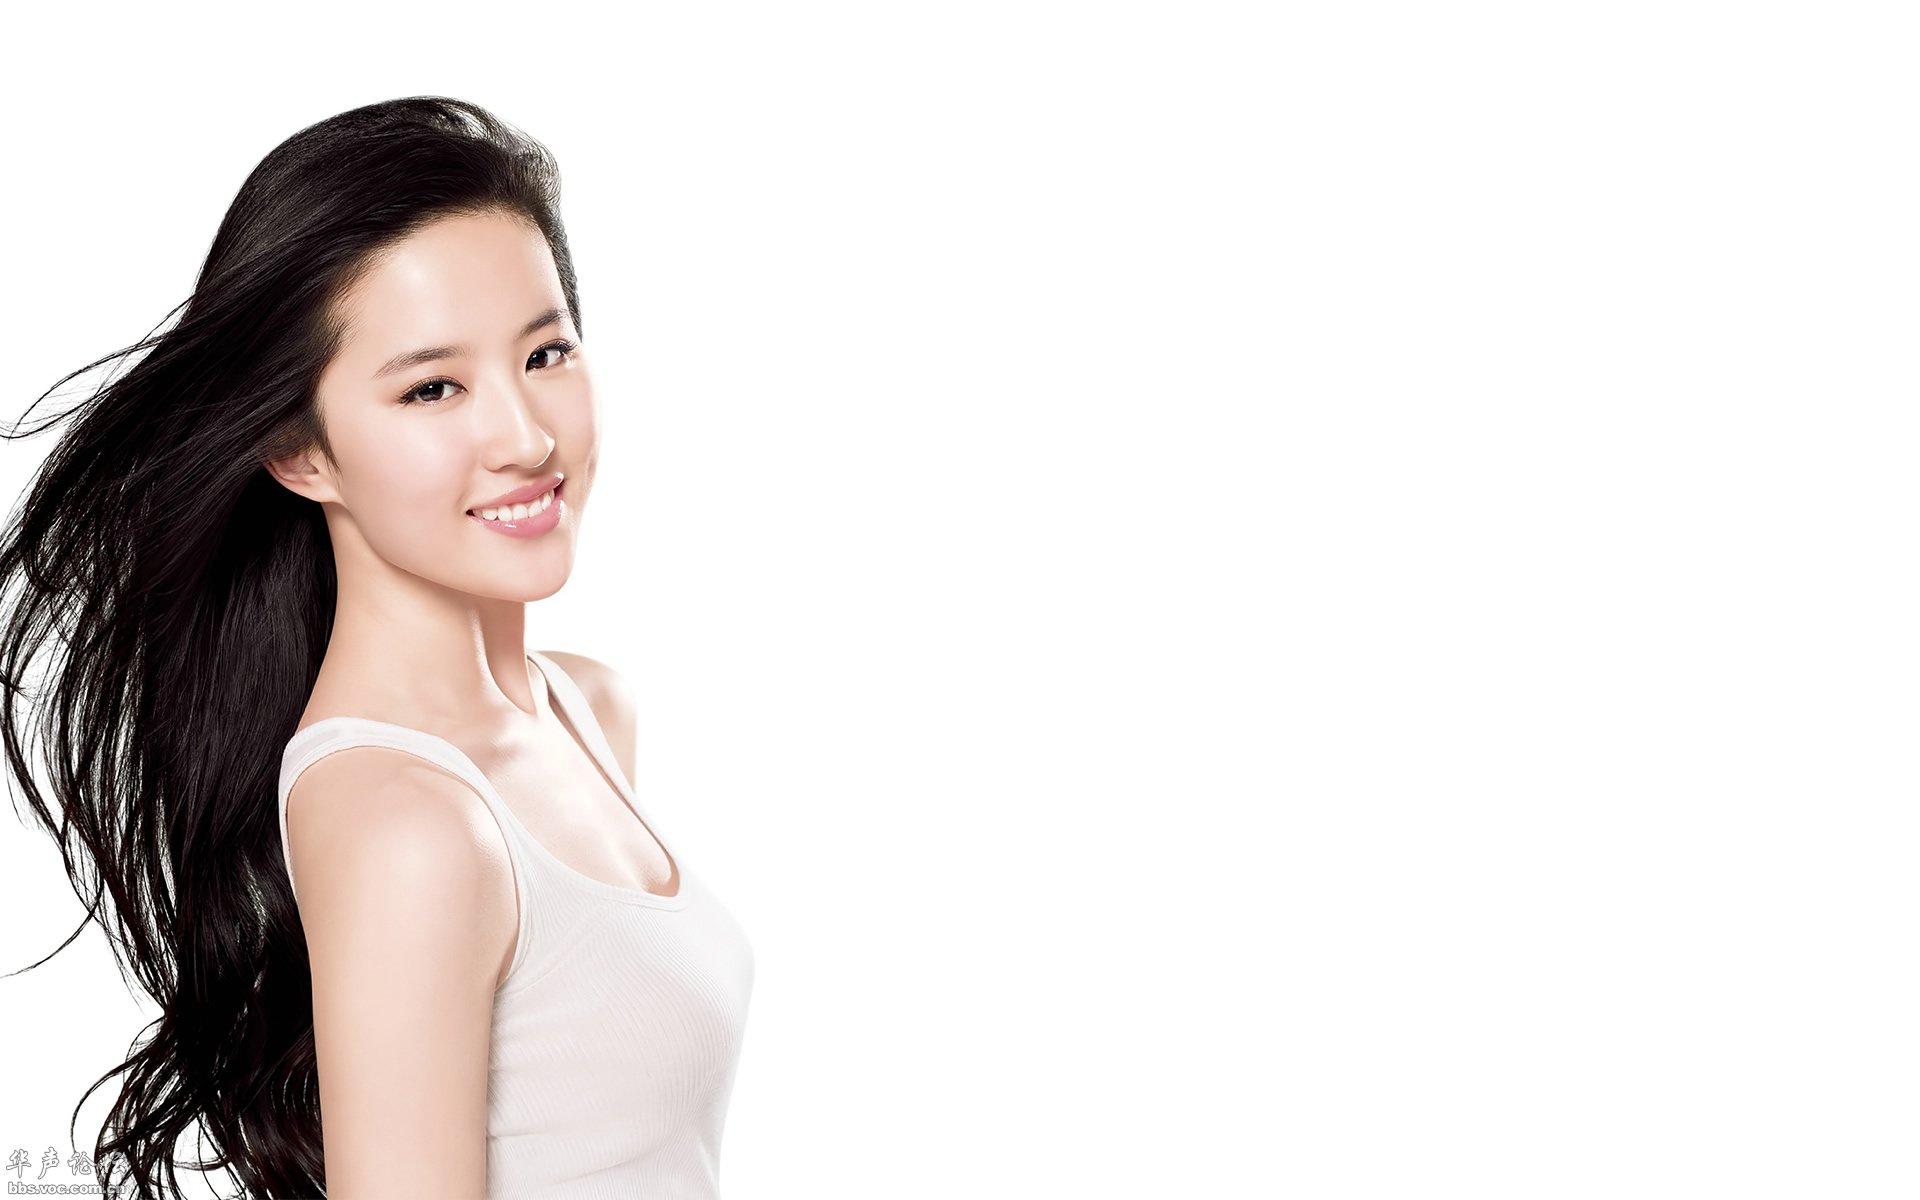 明星美女刘亦菲